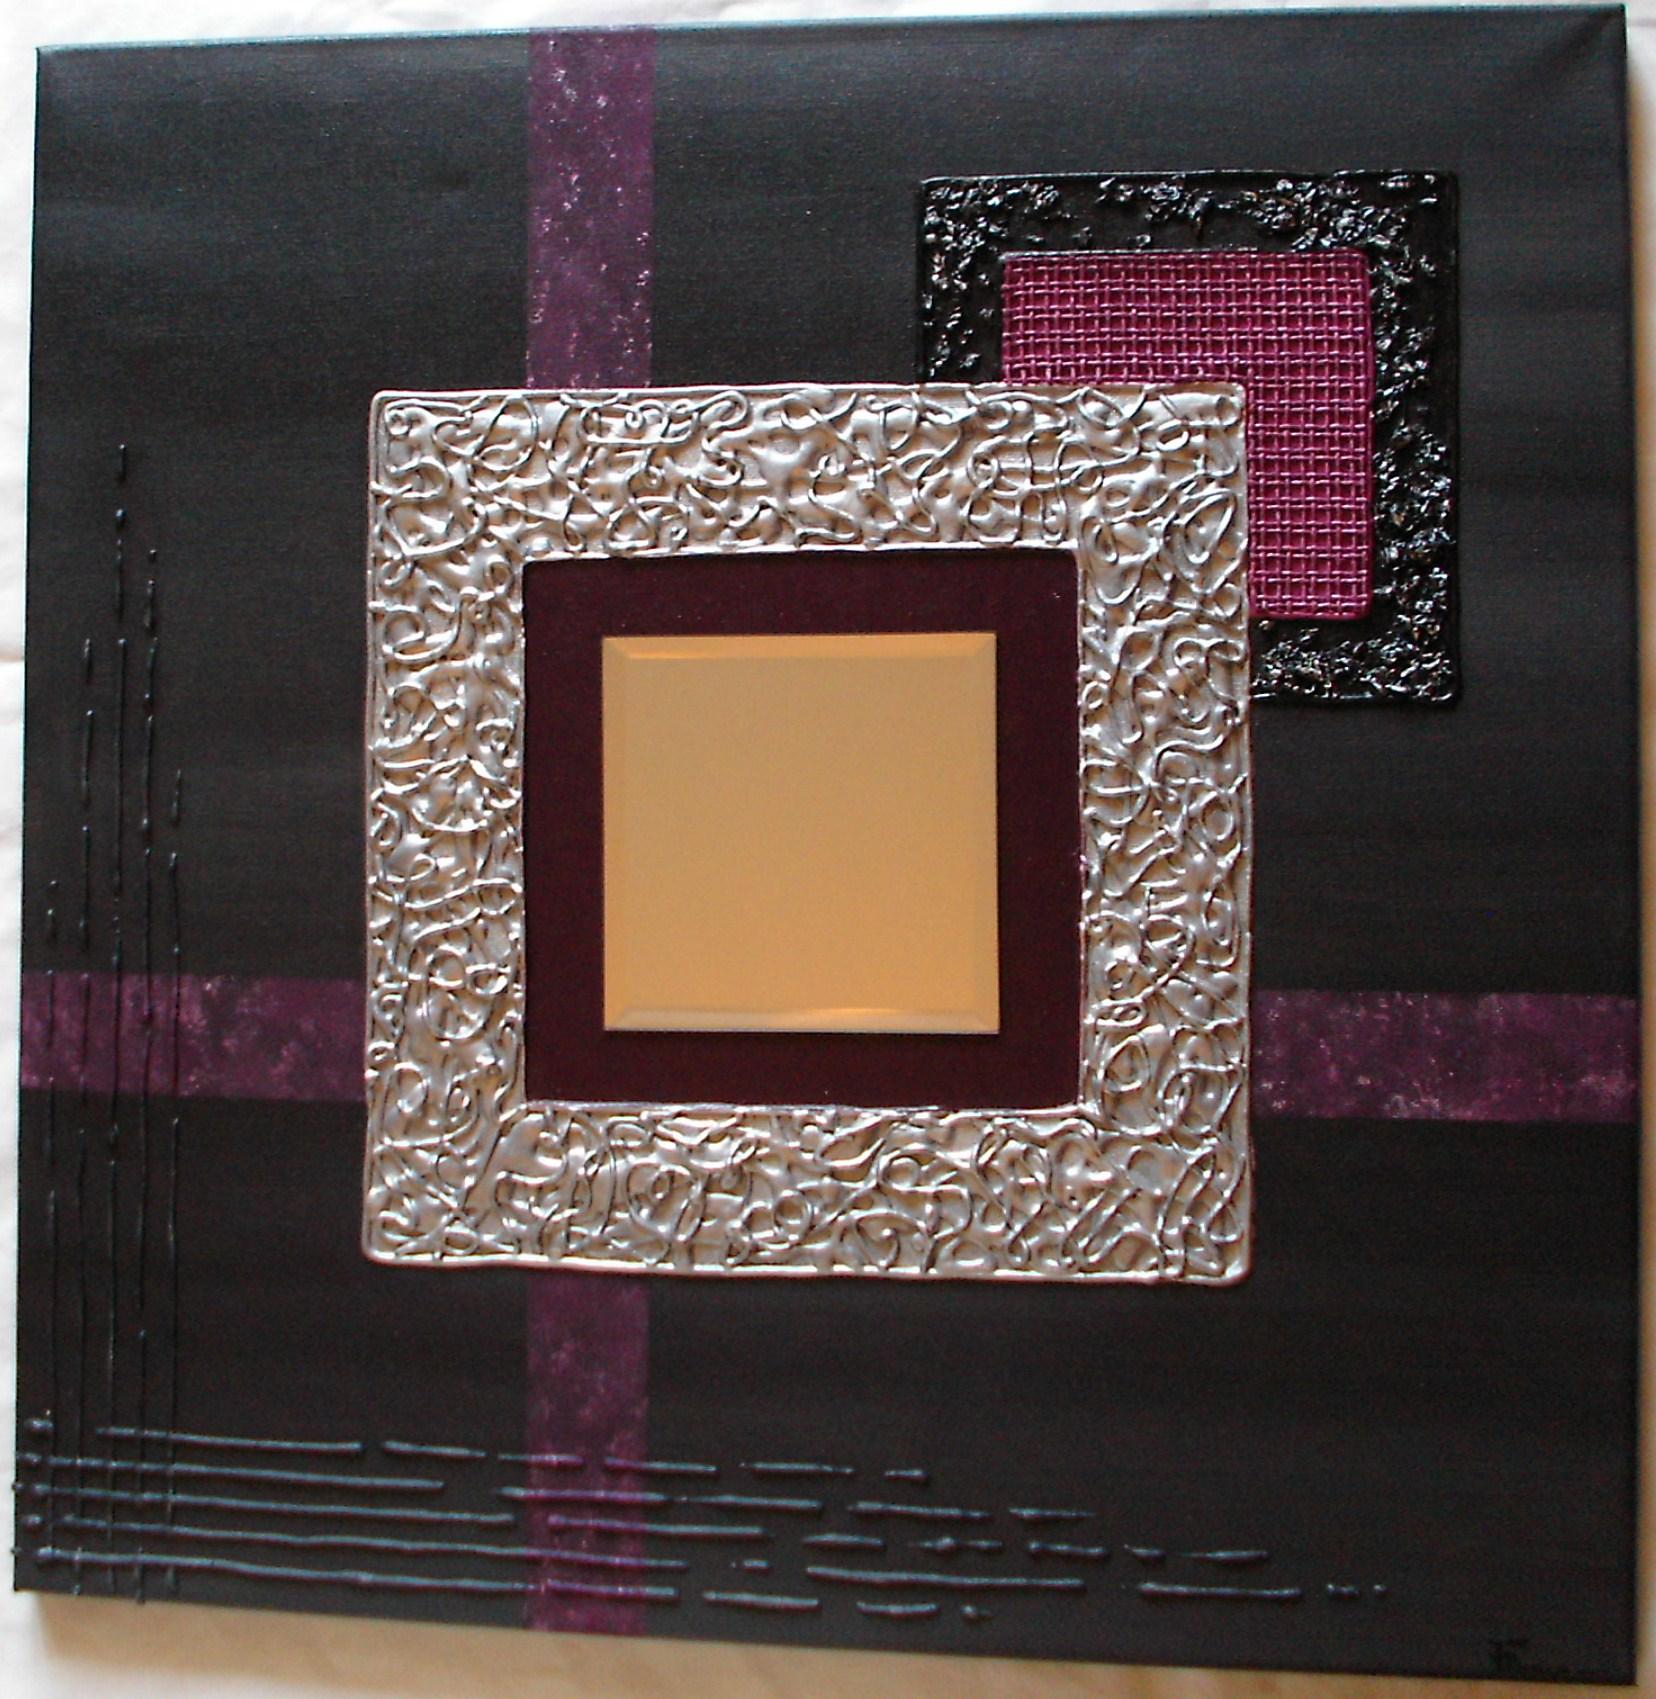 Peinture relief paxia fran oise peintures cubes for Miroir reflet sens 50